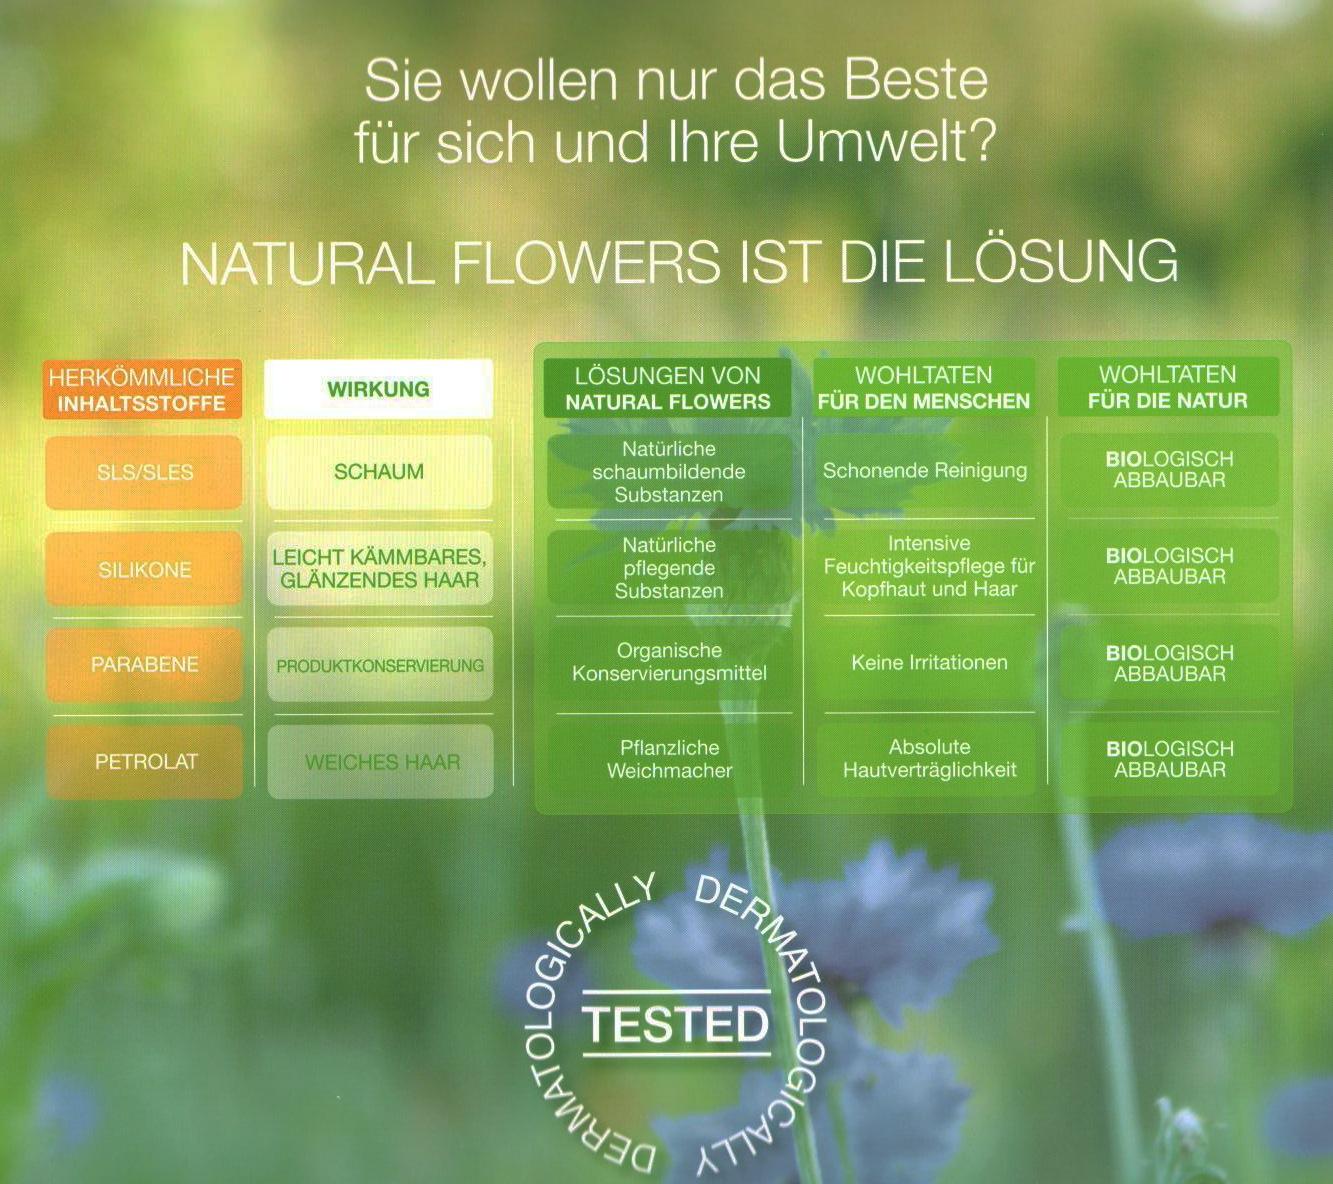 bersicht-flowers55d1faa8d0a07